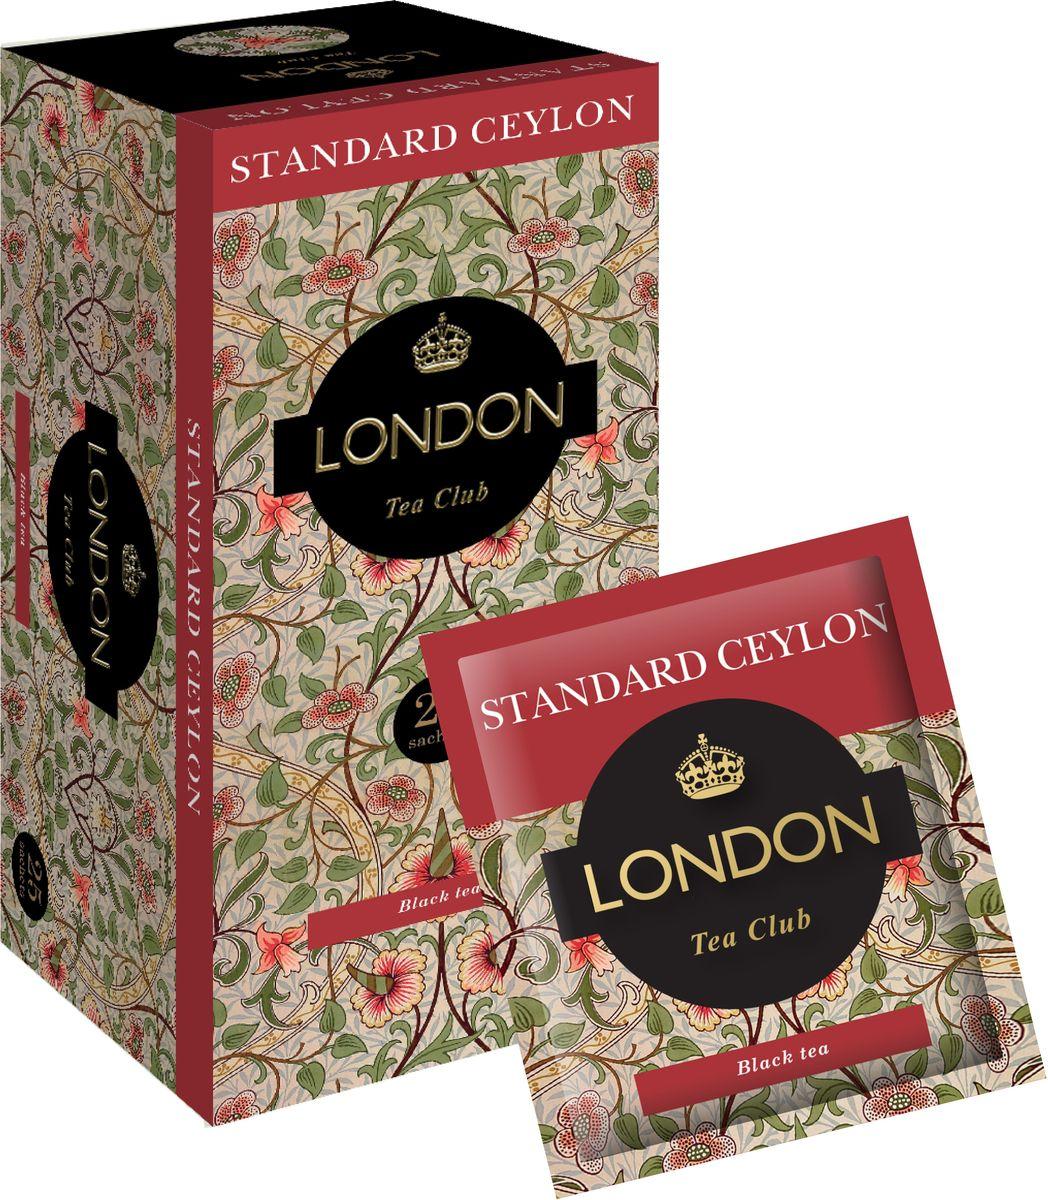 London Tea Club Standard Ceylon черный чай в пакетиках, 25 шт0120710Стандарт цейлонского чая хорошо известен своим качеством. Этот чай славится своим ароматом и насыщенным, крепким, терпким вкусом. Отлично сочетается с молоком или лимоном.